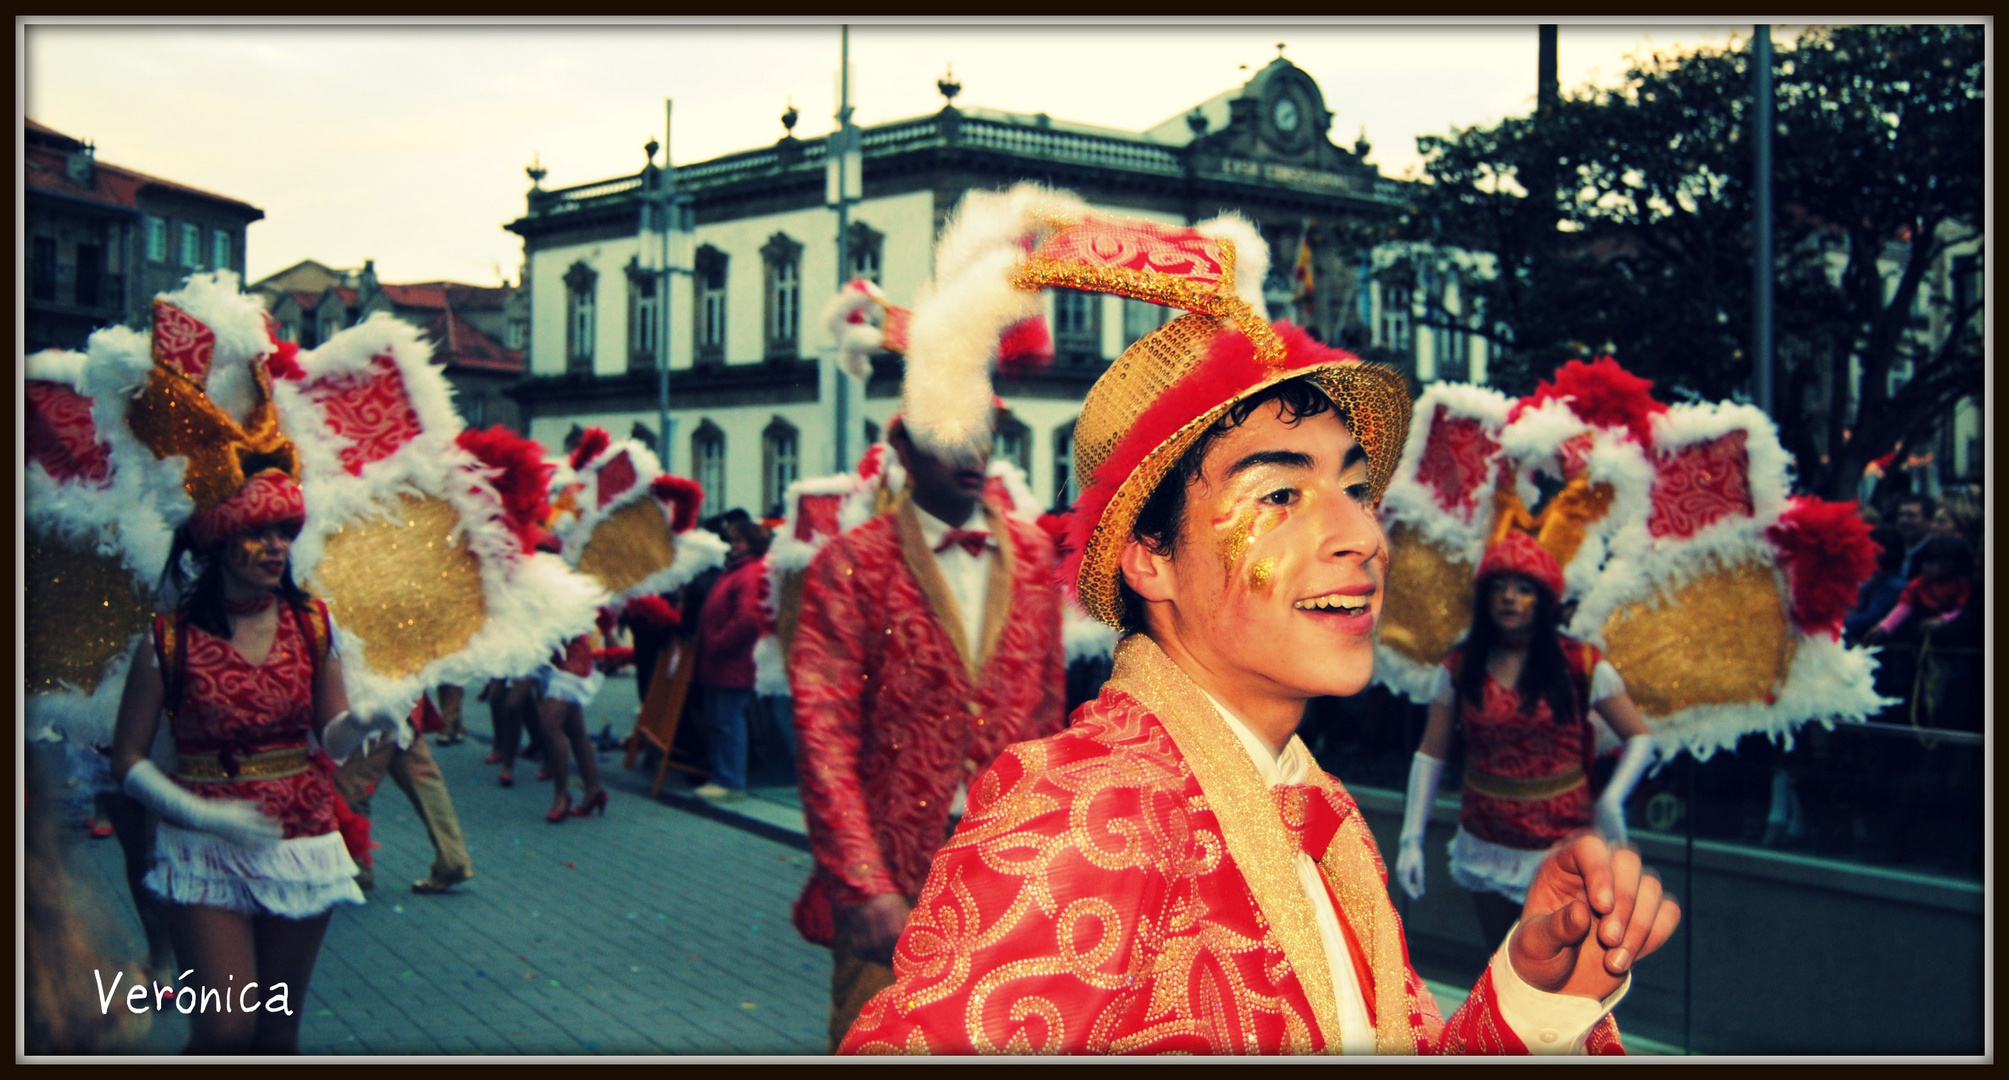 Carnival*